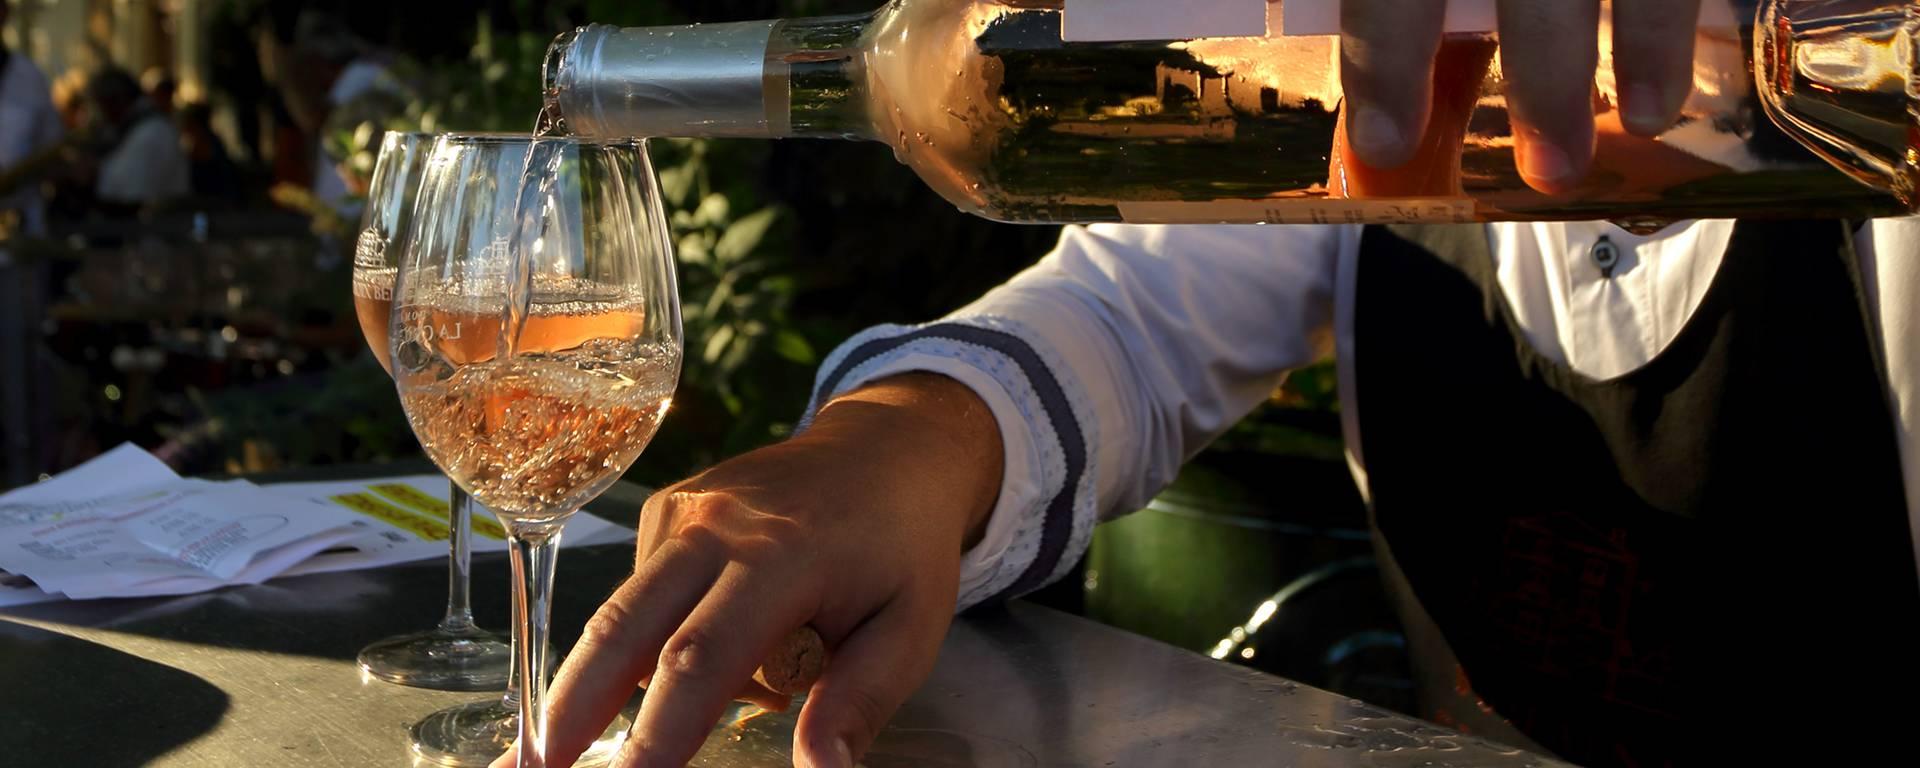 bouteille et verres de  vin